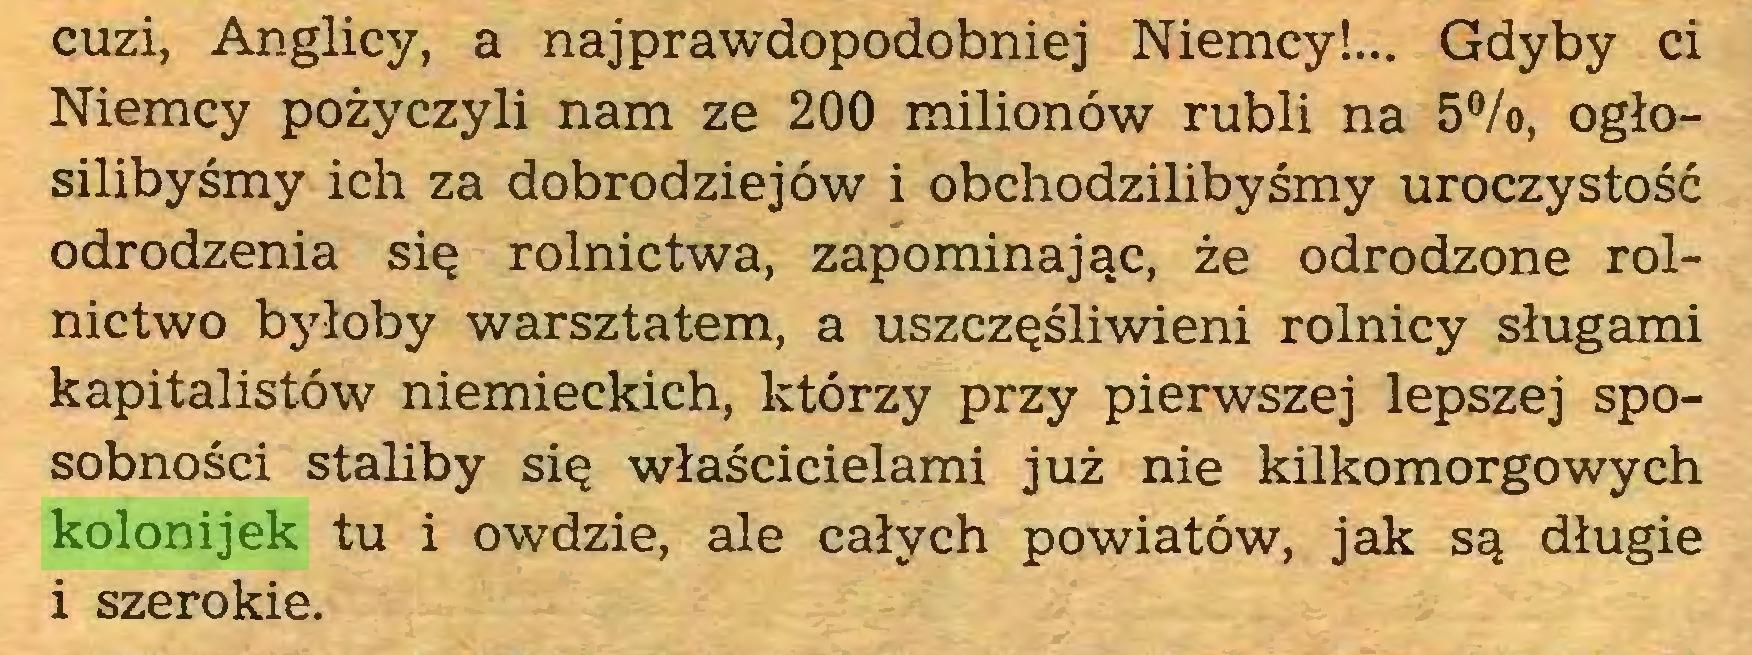 (...) cuzi, Anglicy, a najprawdopodobniej Niemcy!... Gdyby ci Niemcy pożyczyli nam ze 200 milionów rubli na 5°/o, ogłosilibyśmy ich za dobrodziejów i obchodzilibyśmy uroczystość odrodzenia się rolnictwa, zapominając, że odrodzone rolnictwo byłoby warsztatem, a uszczęśliwieni rolnicy sługami kapitalistów niemieckich, którzy przy pierwszej lepszej sposobności staliby się właścicielami już nie kilkomorgowych kolonijek tu i owdzie, ale całych powiatów, jak są długie i szerokie...